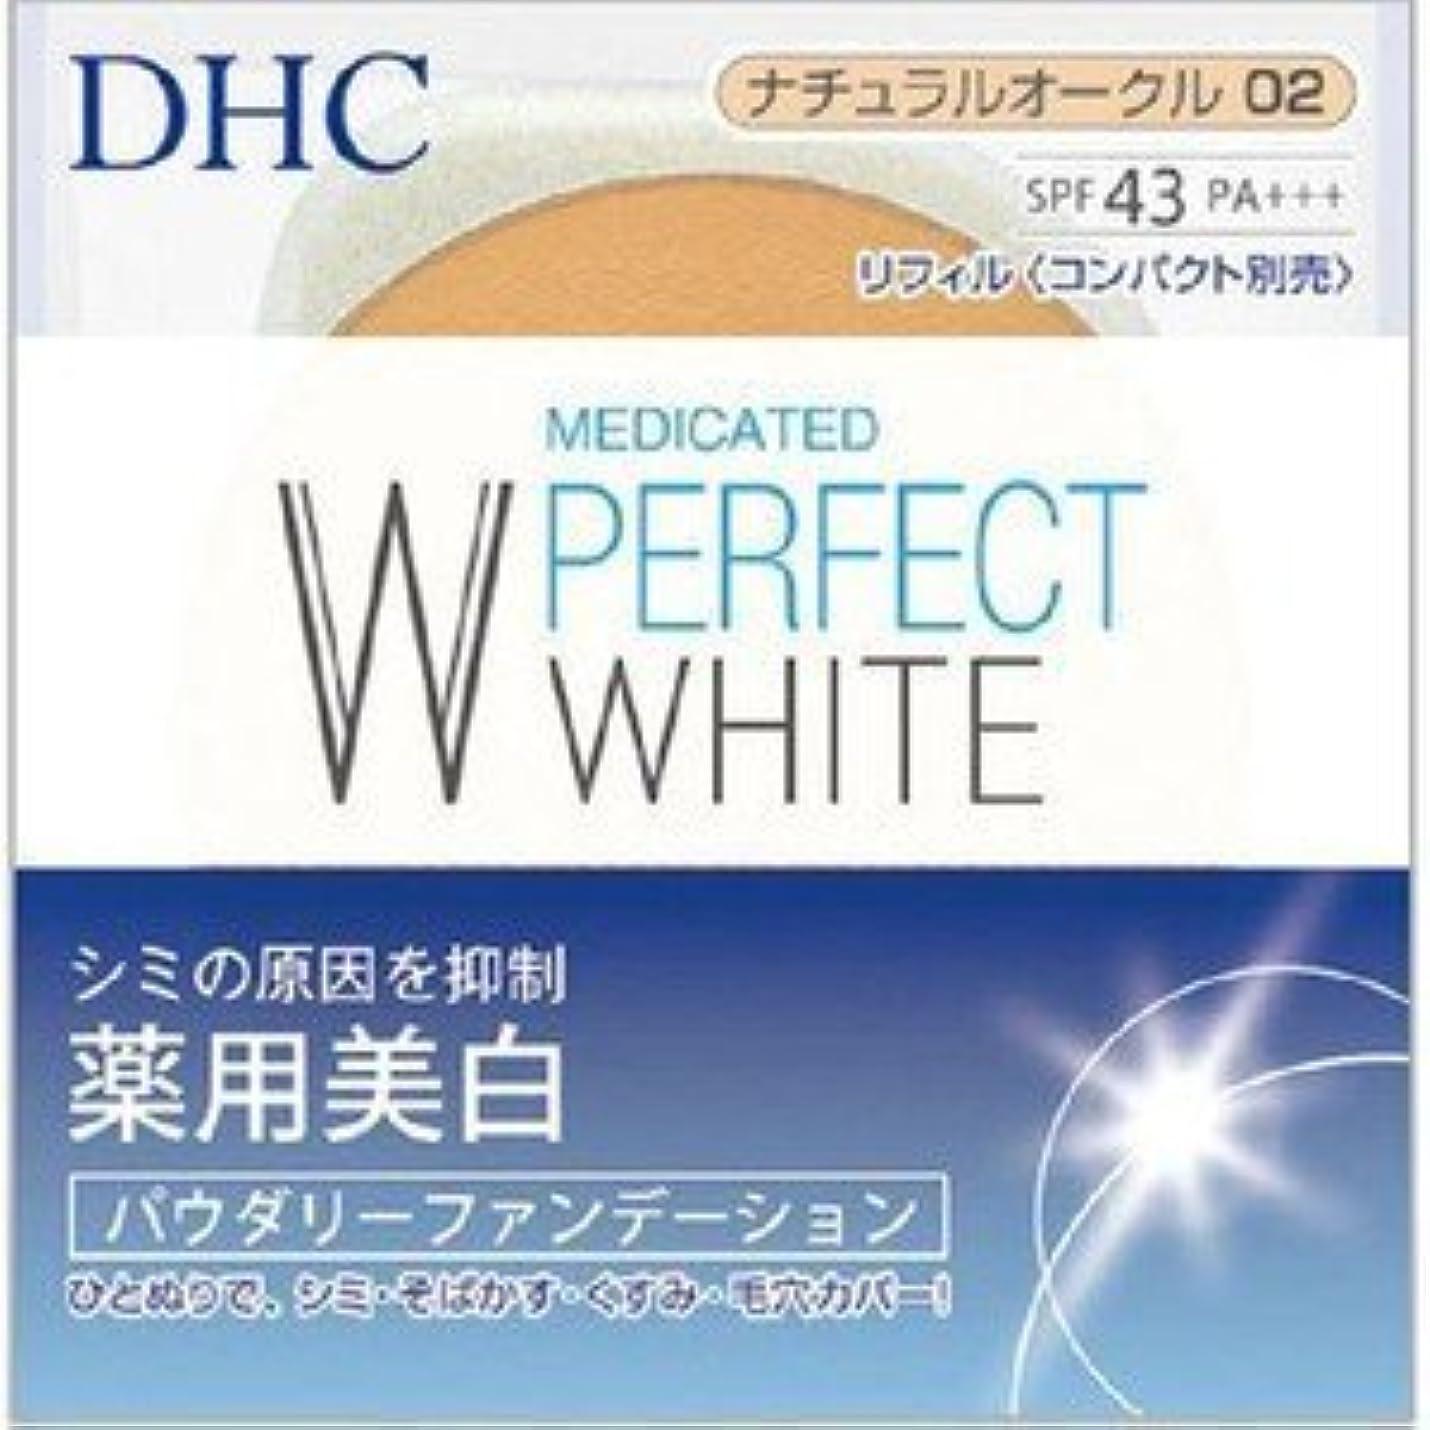 迫害スプリット親指DHC 薬用パーフェクトホワイト パウダリーファンデーション ナチュラルオークル02(リフィル) 10g(医薬部外品)